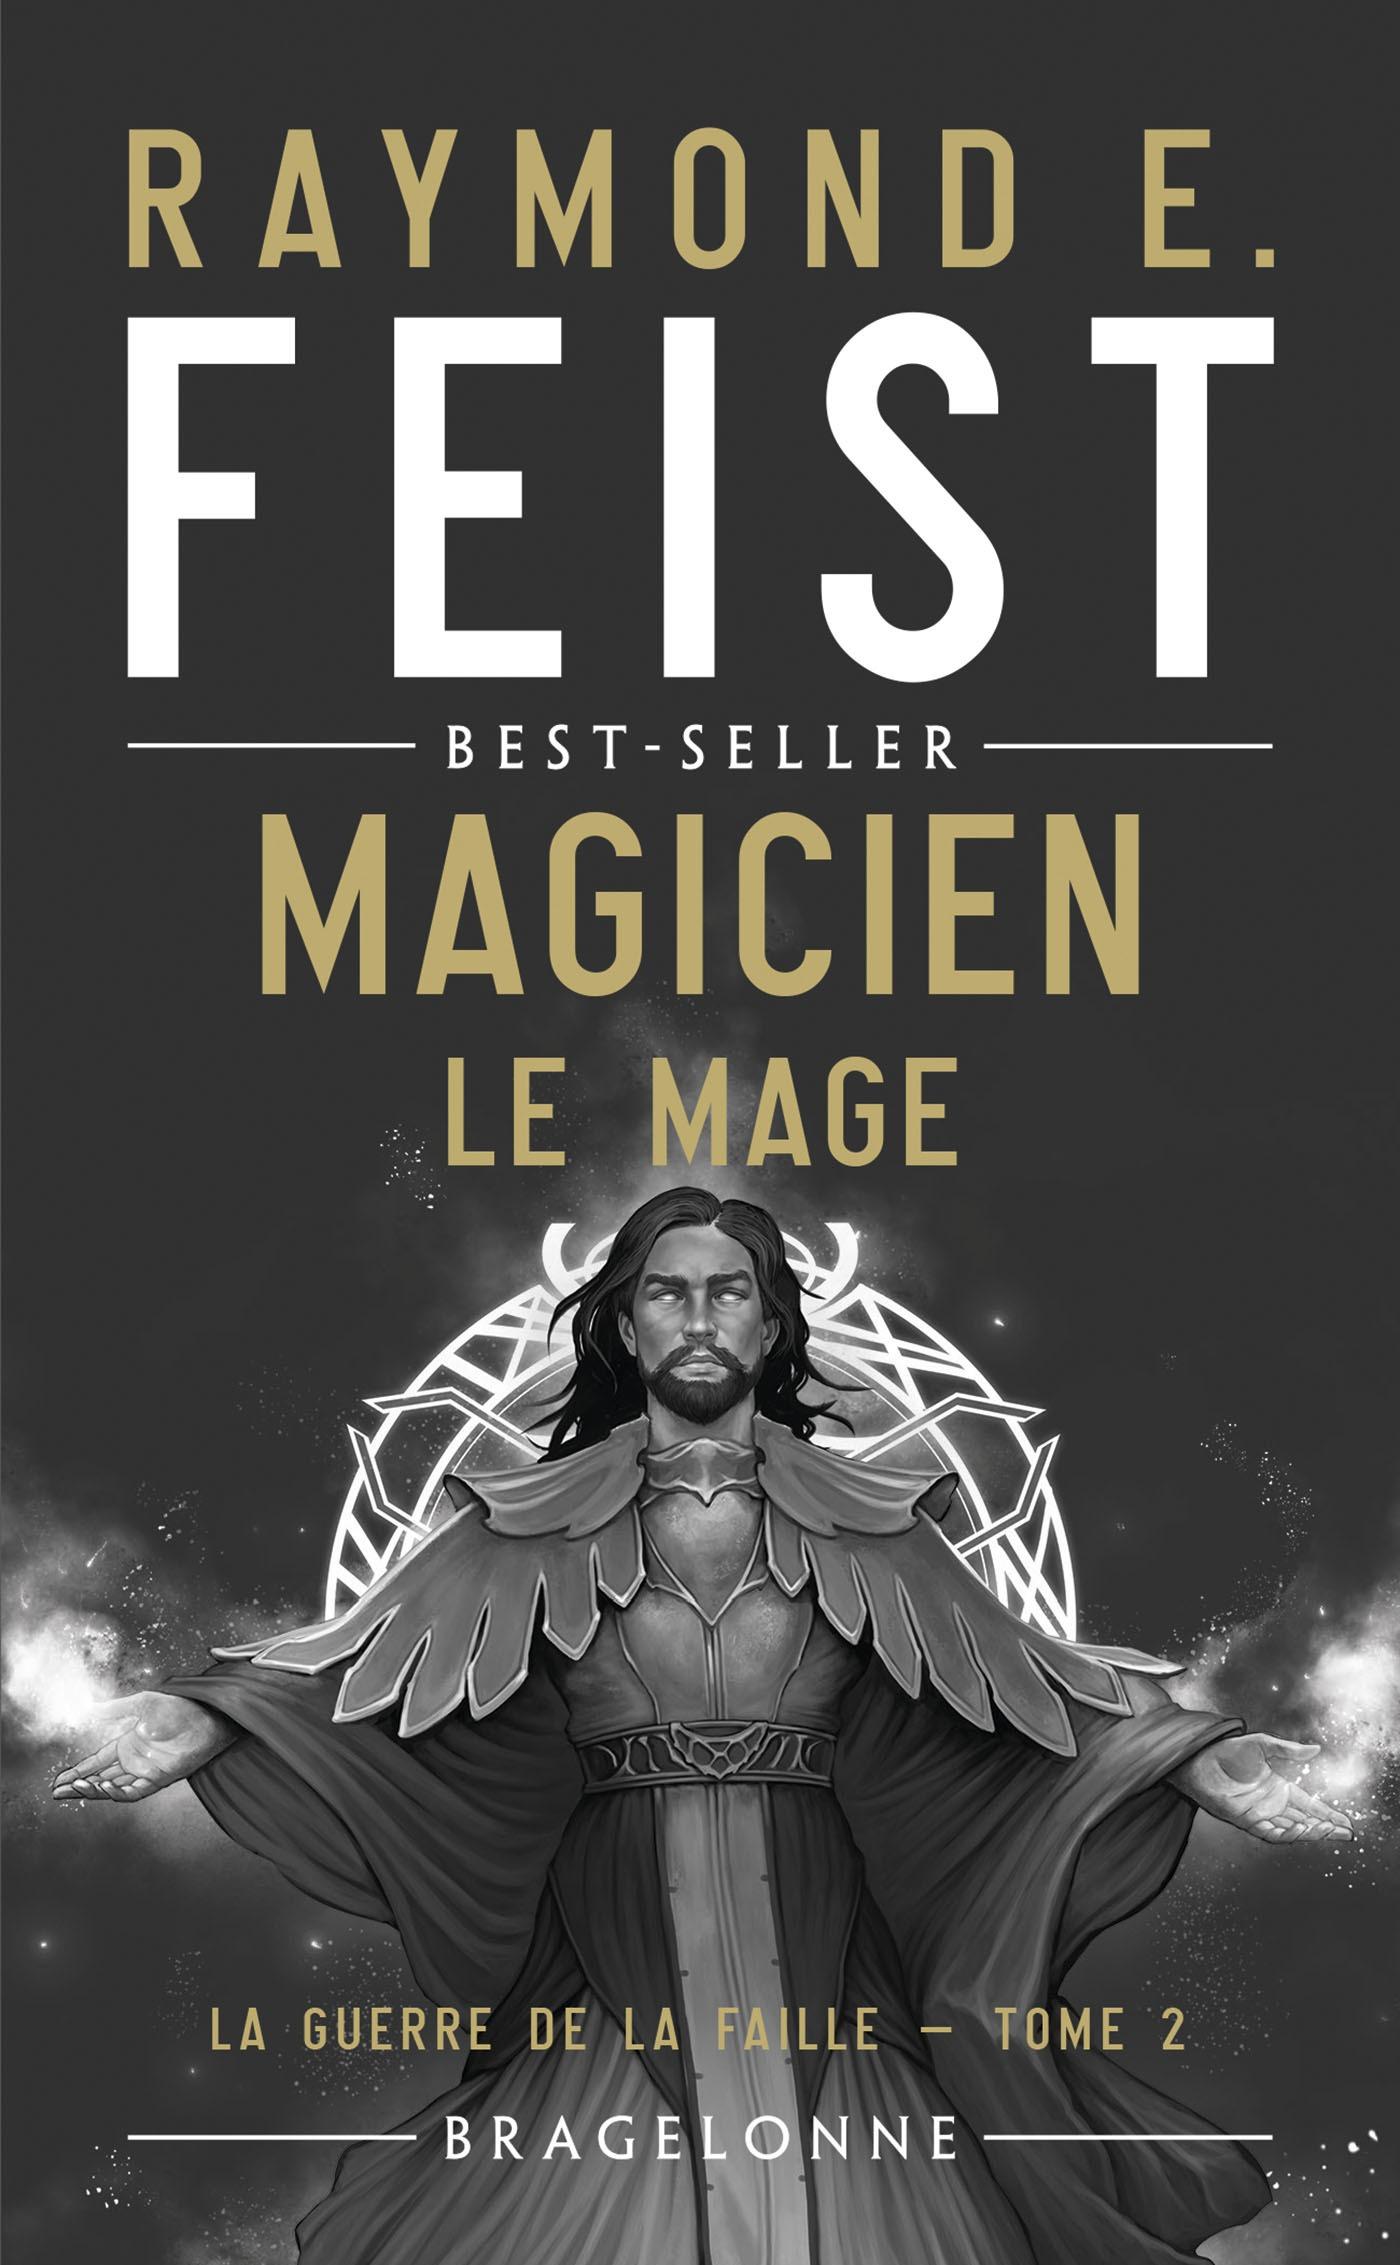 Magicien - Le Mage, LA GUERRE DE LA FAILLE, T2